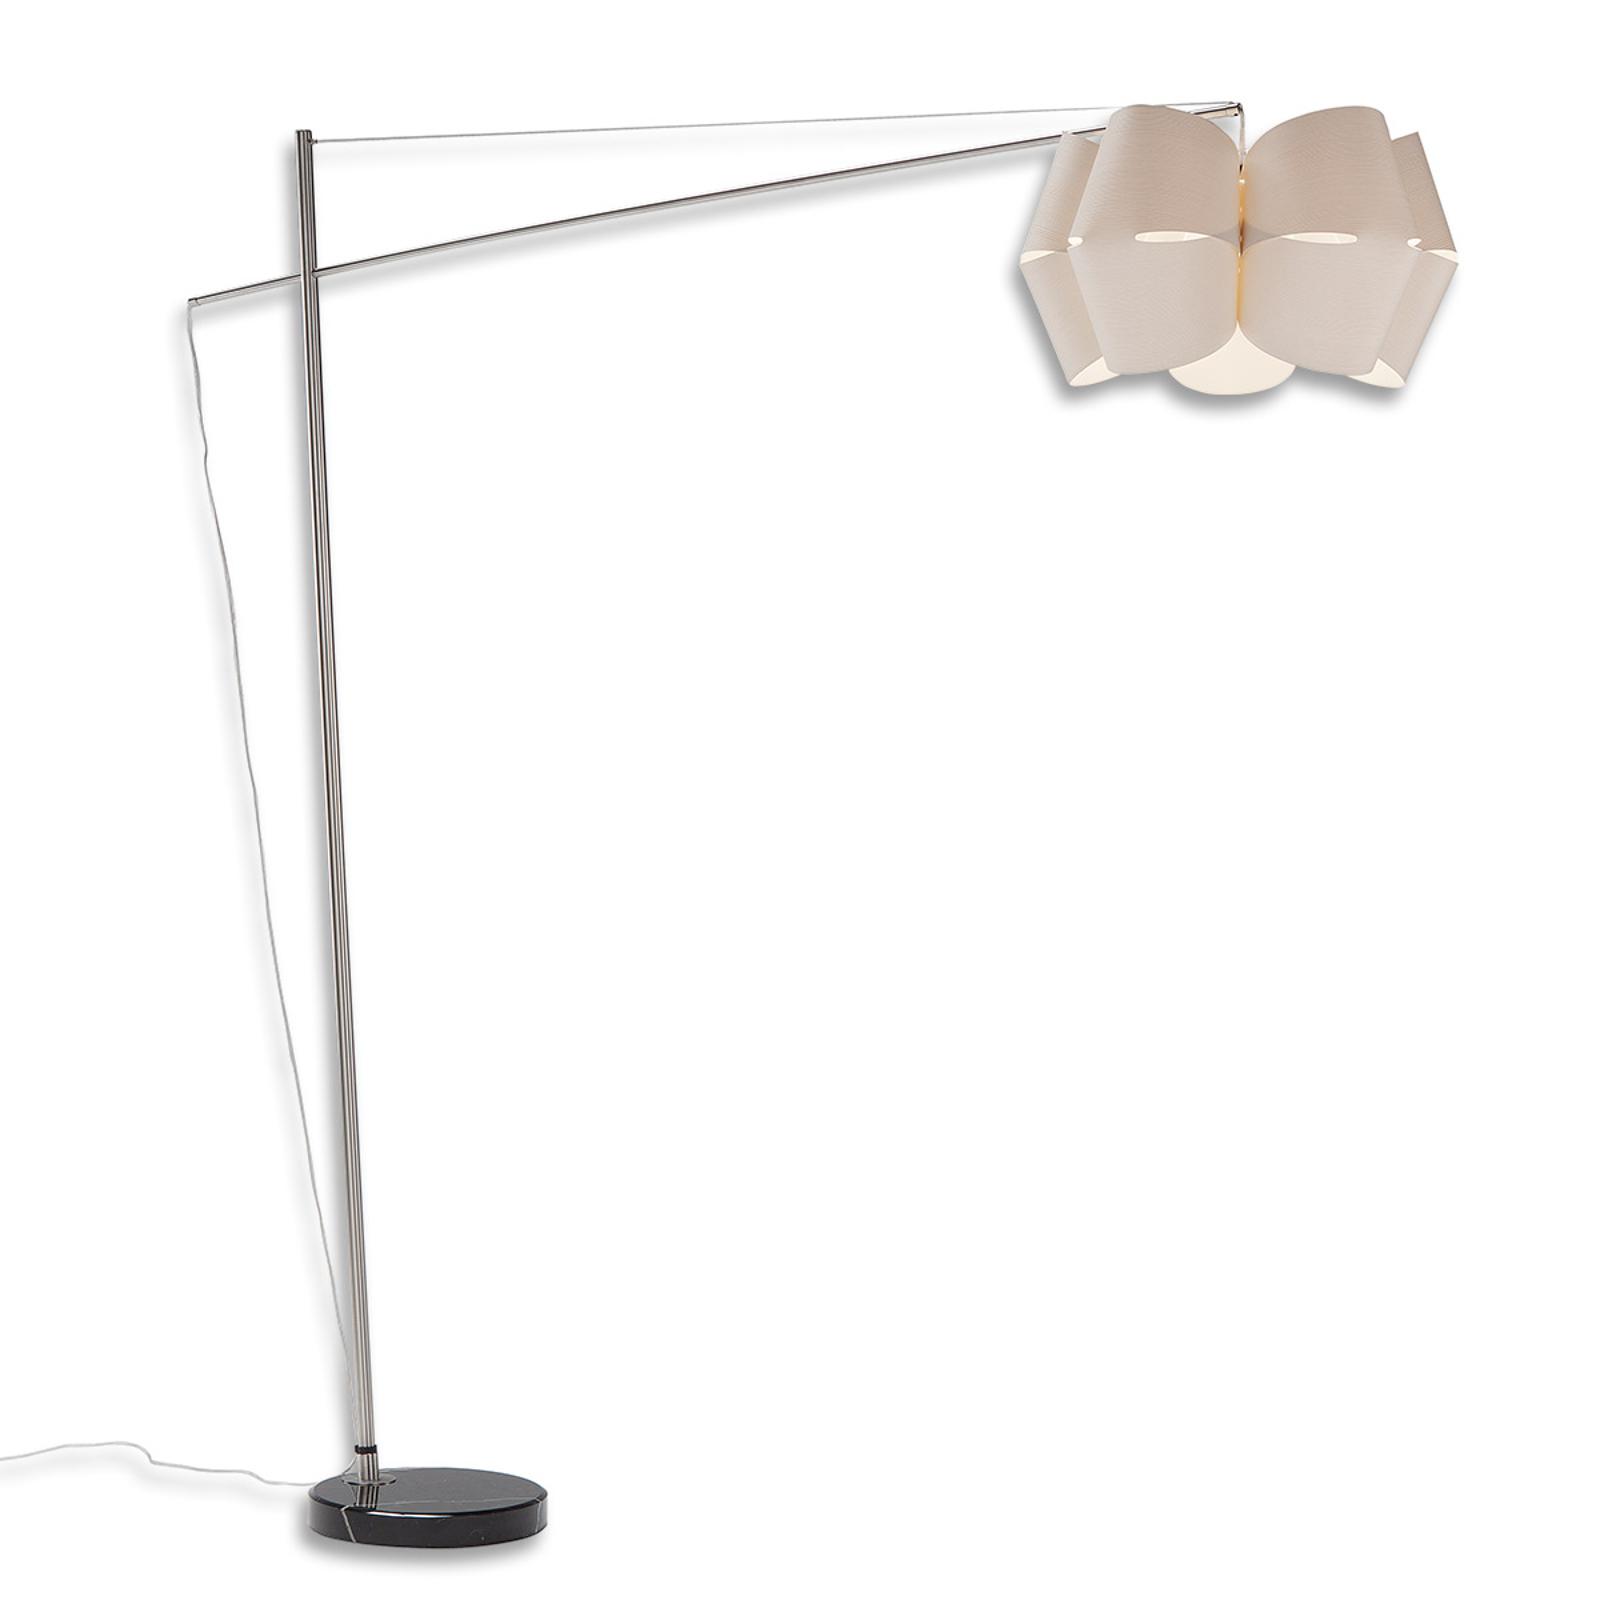 Stojaca lampa Bridge z bieleho smrekovcového dreva_1056064_1